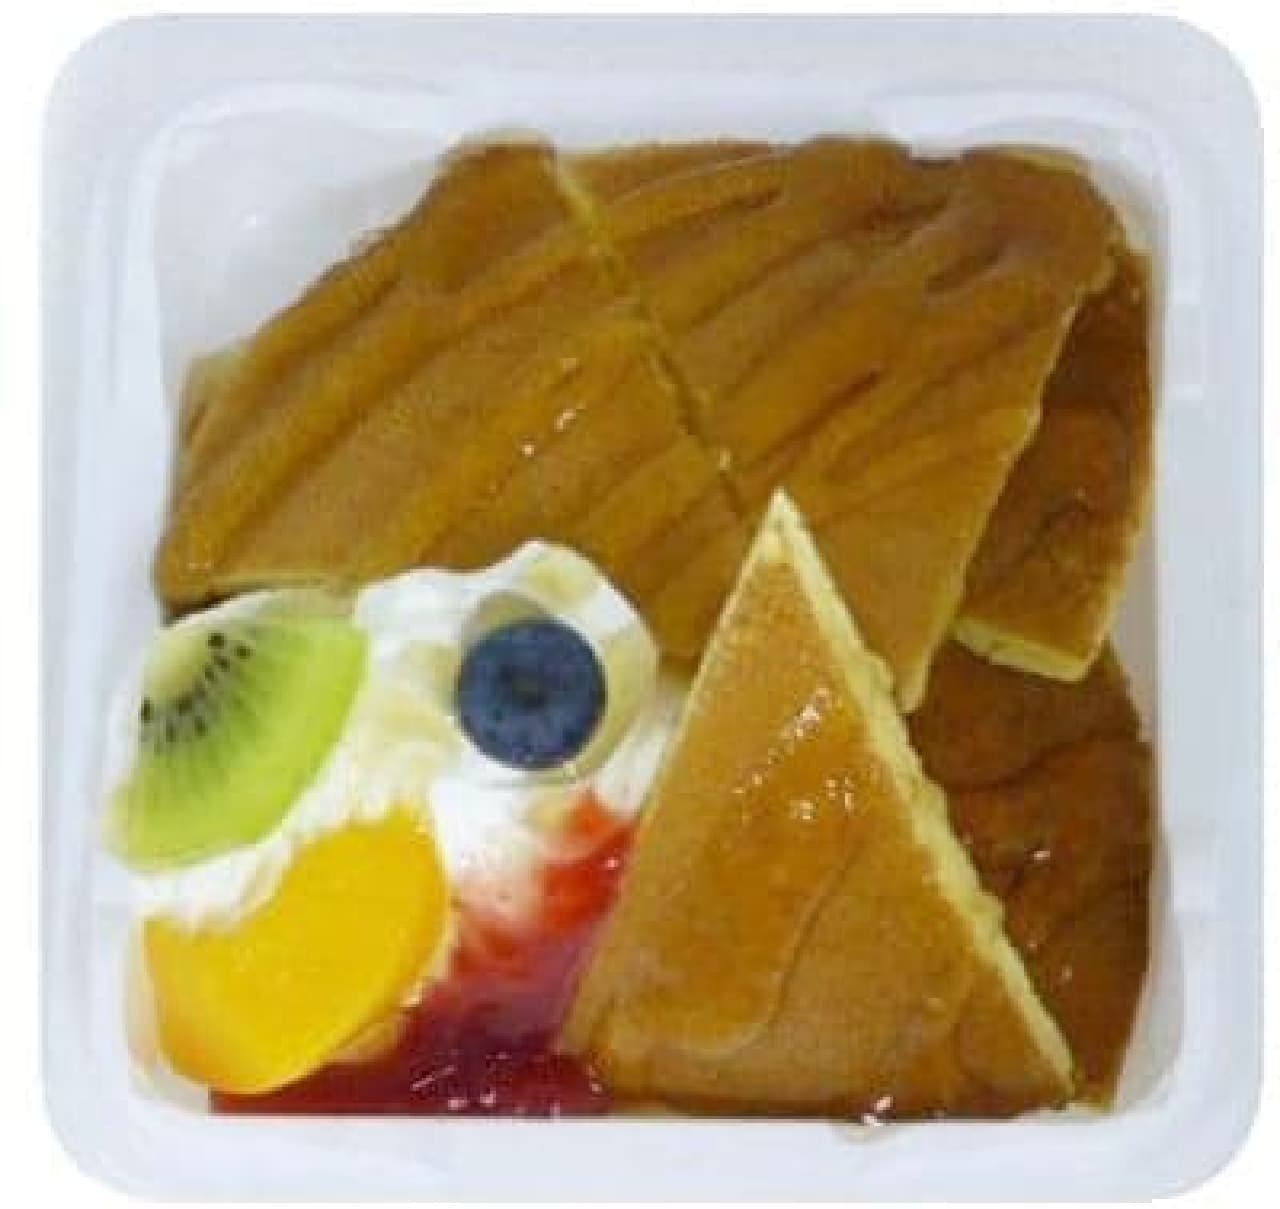 手軽に楽しめるパンケーキデザート!